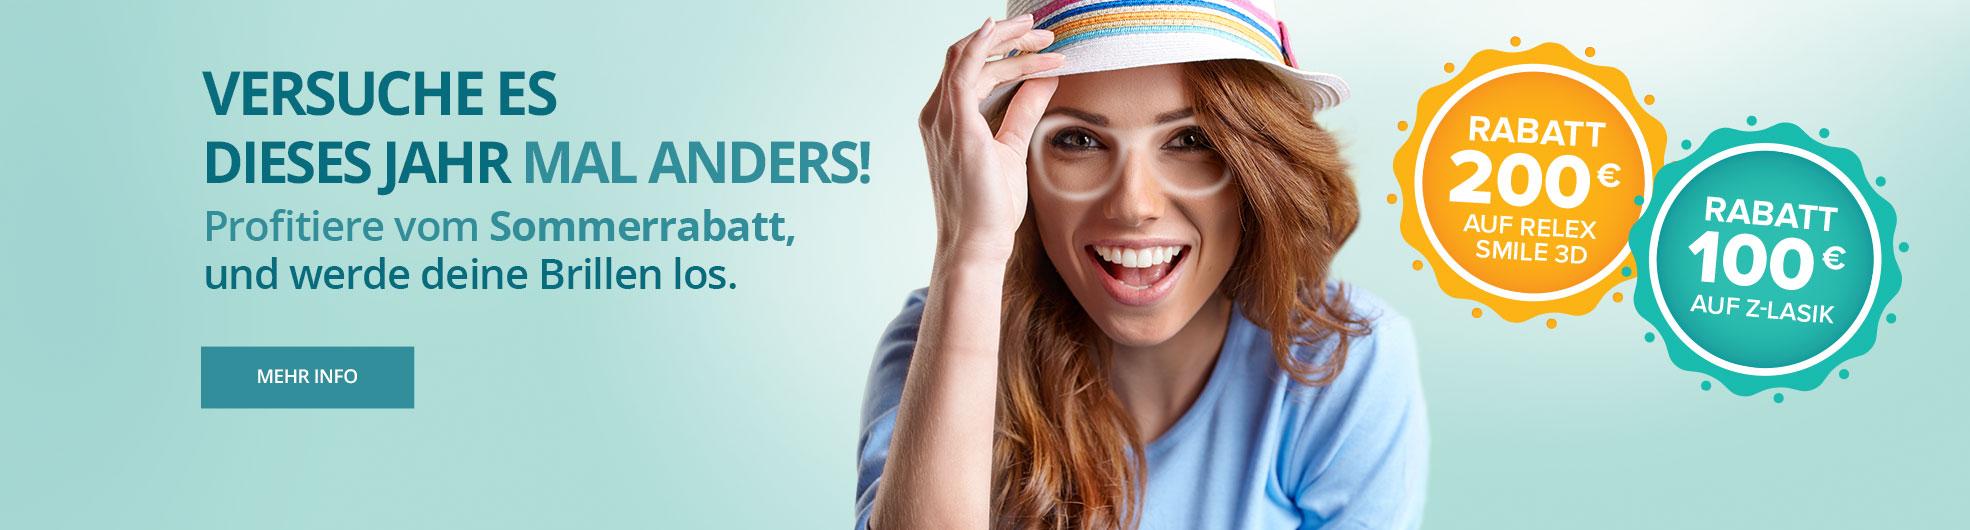 Sommersrabatt für ReLex SMILE 3D und Z-LASIK